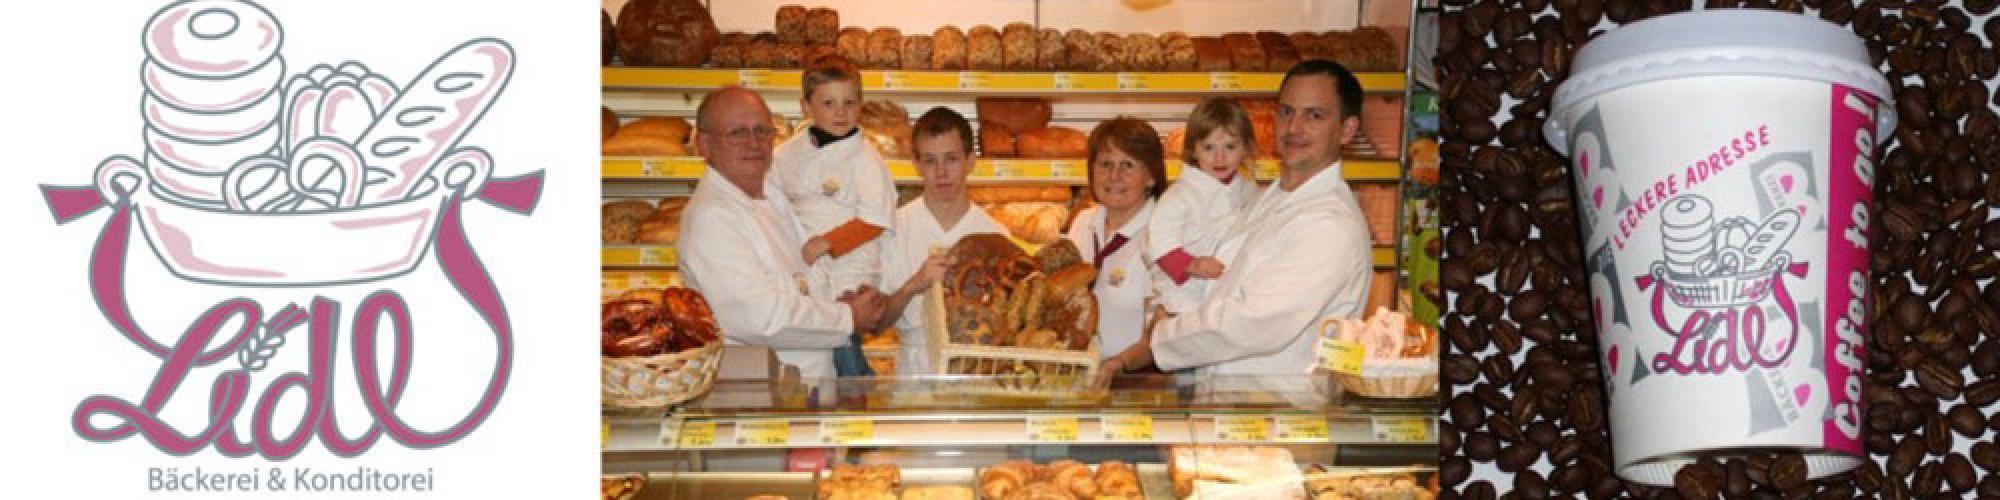 Bäckerei Lidl